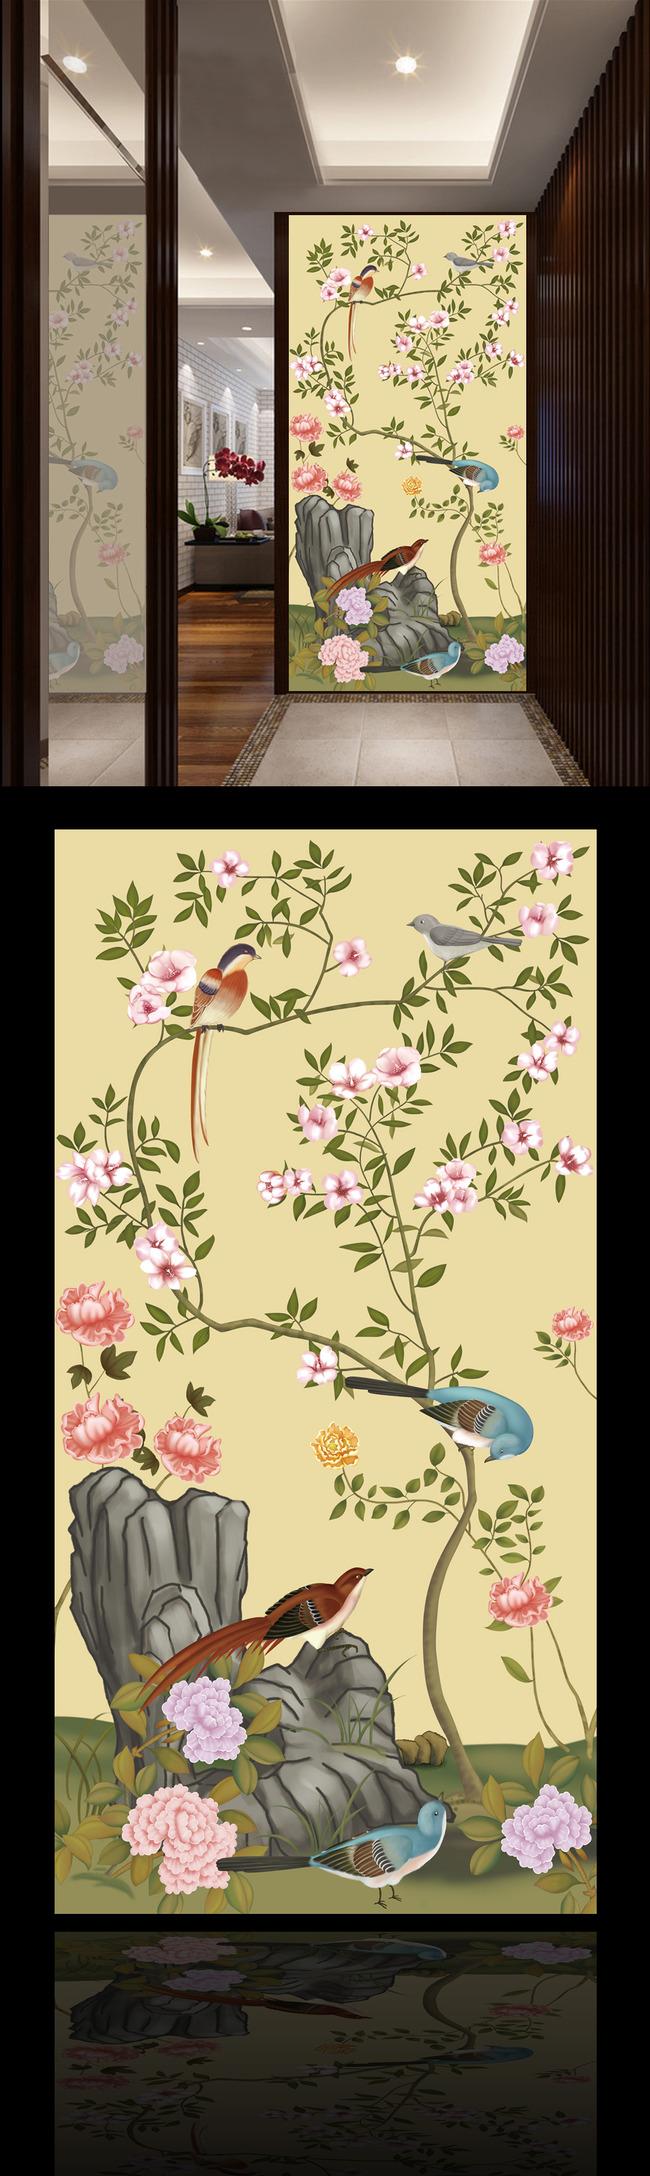 精品手绘花鸟玄关